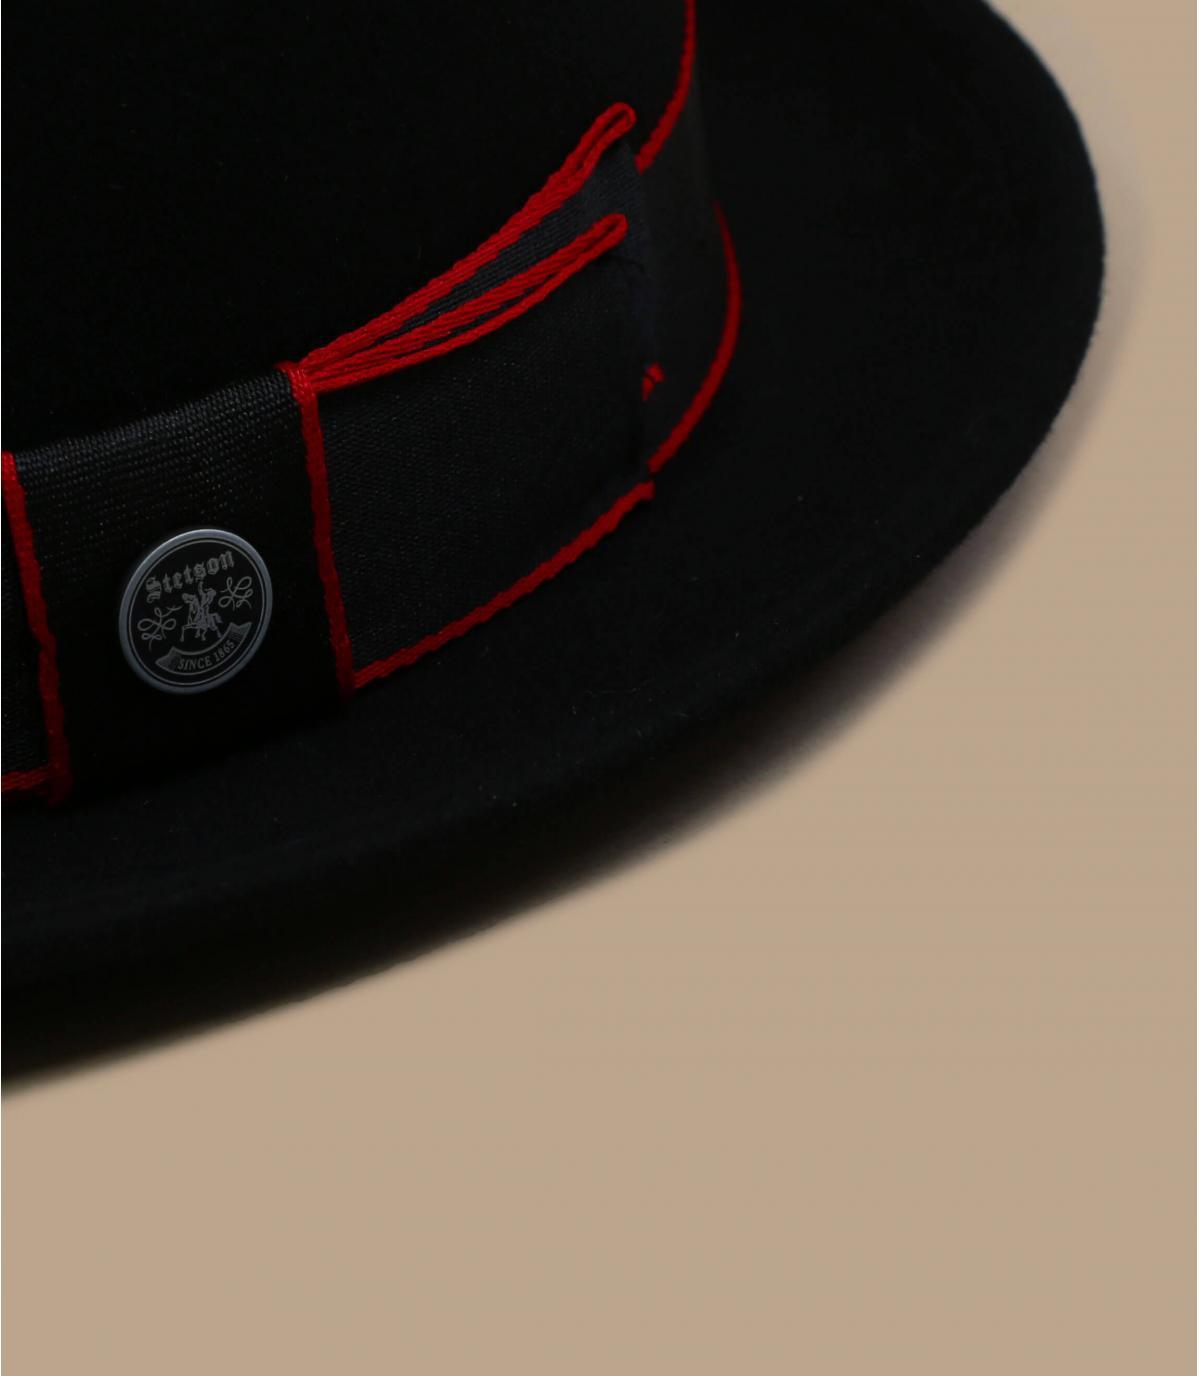 Detalles Pork Pie Woolfelt Cashmere black imagen 3